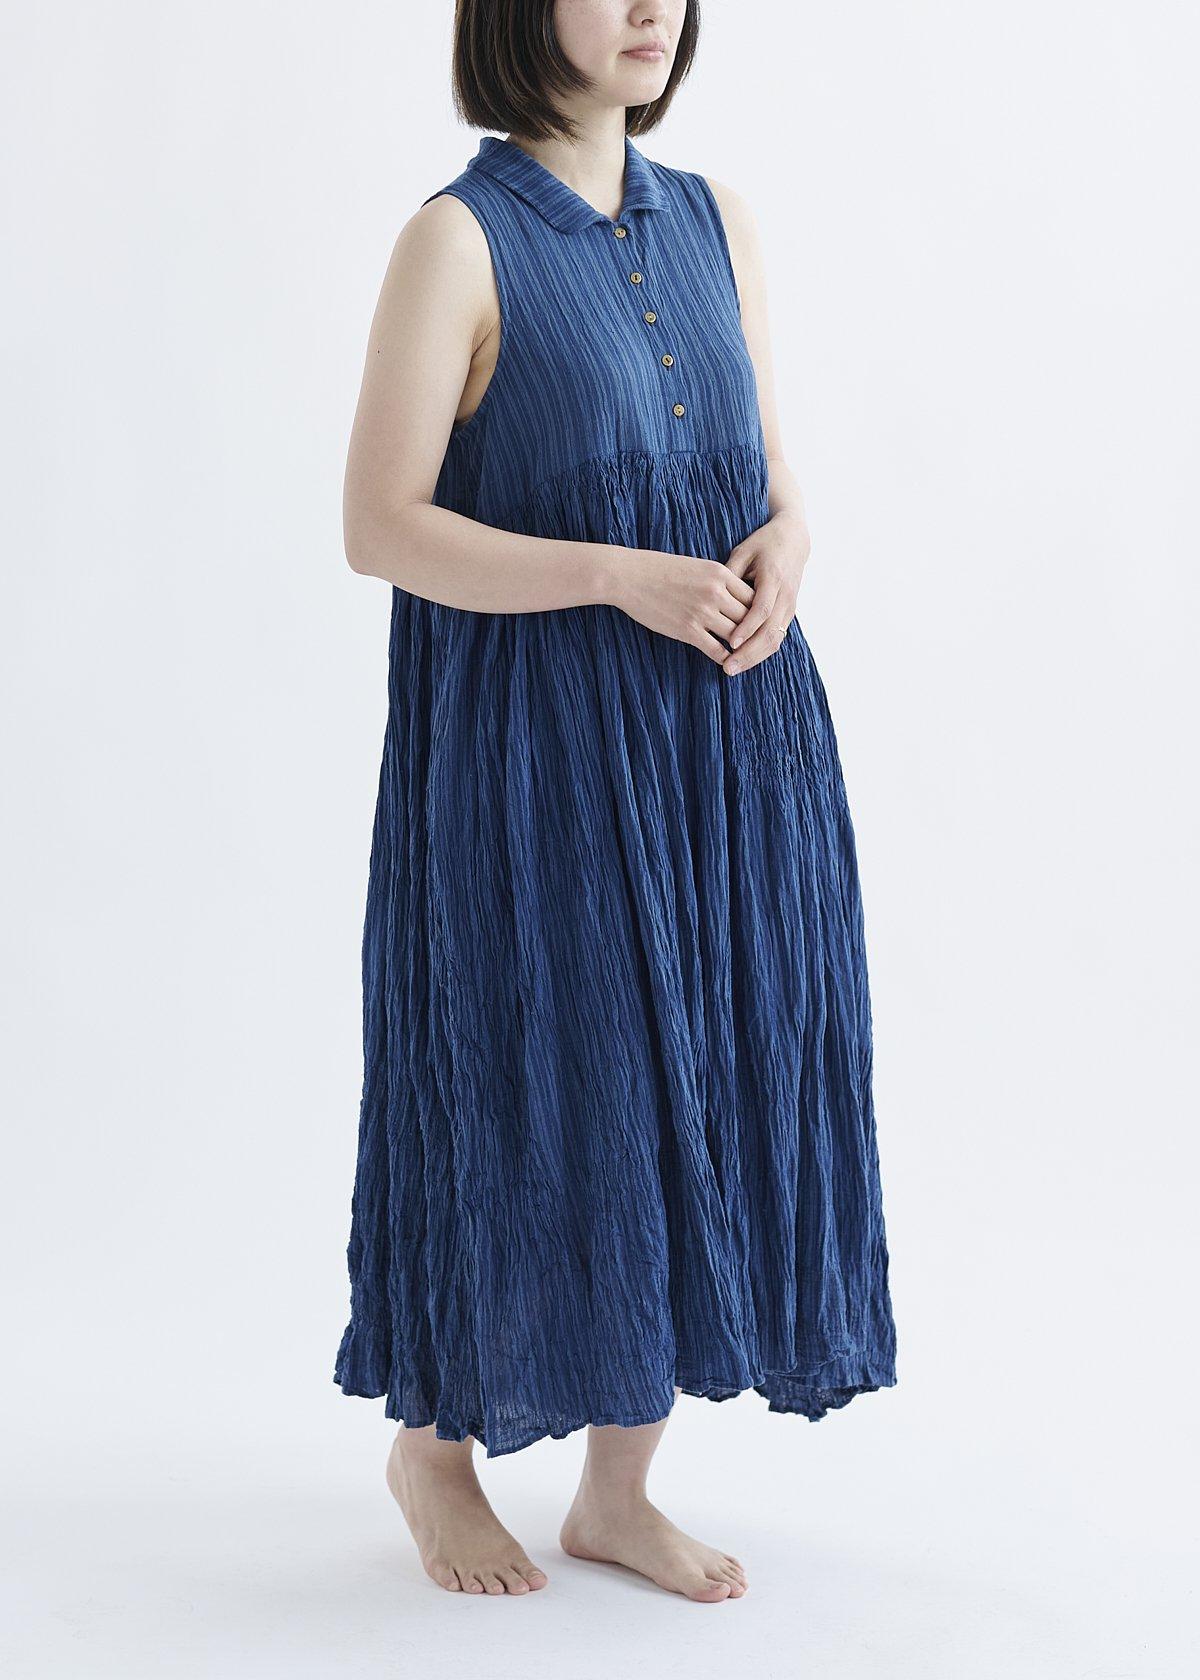 maku ARA - 100% Cotton Handwoven Dress